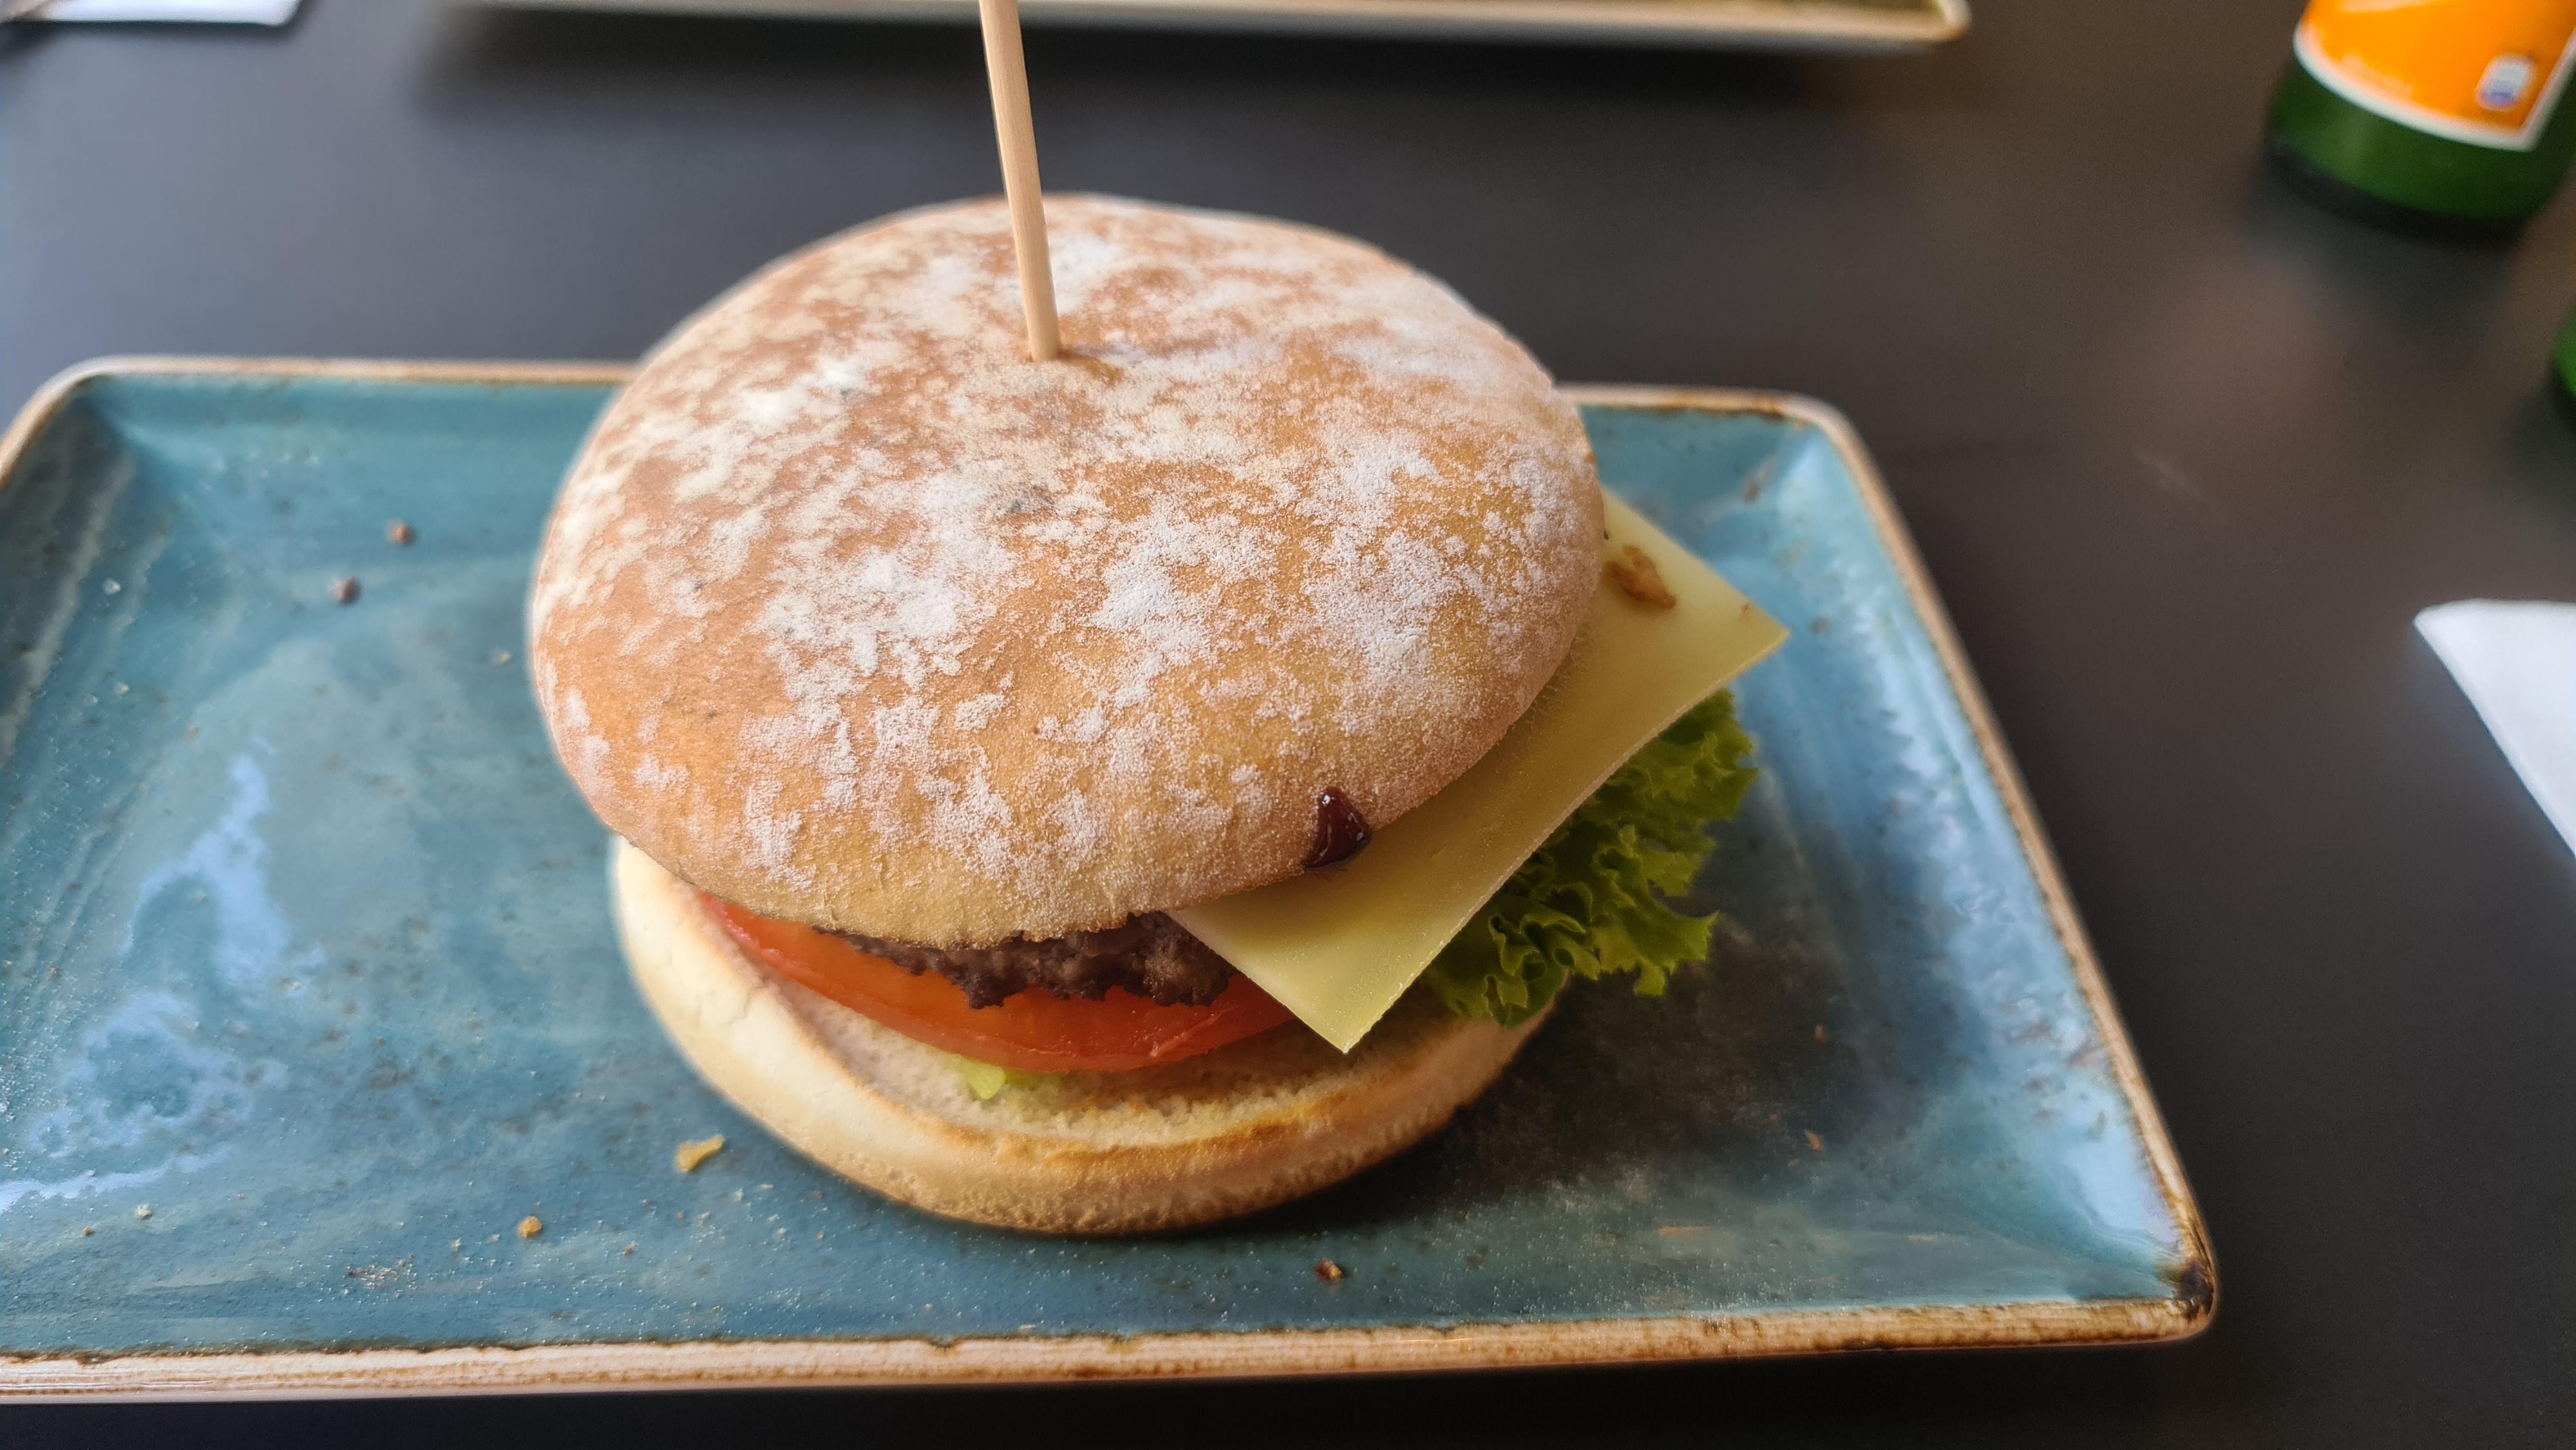 https://foodloader.net/Holz_2020-09-20_Burger.jpg